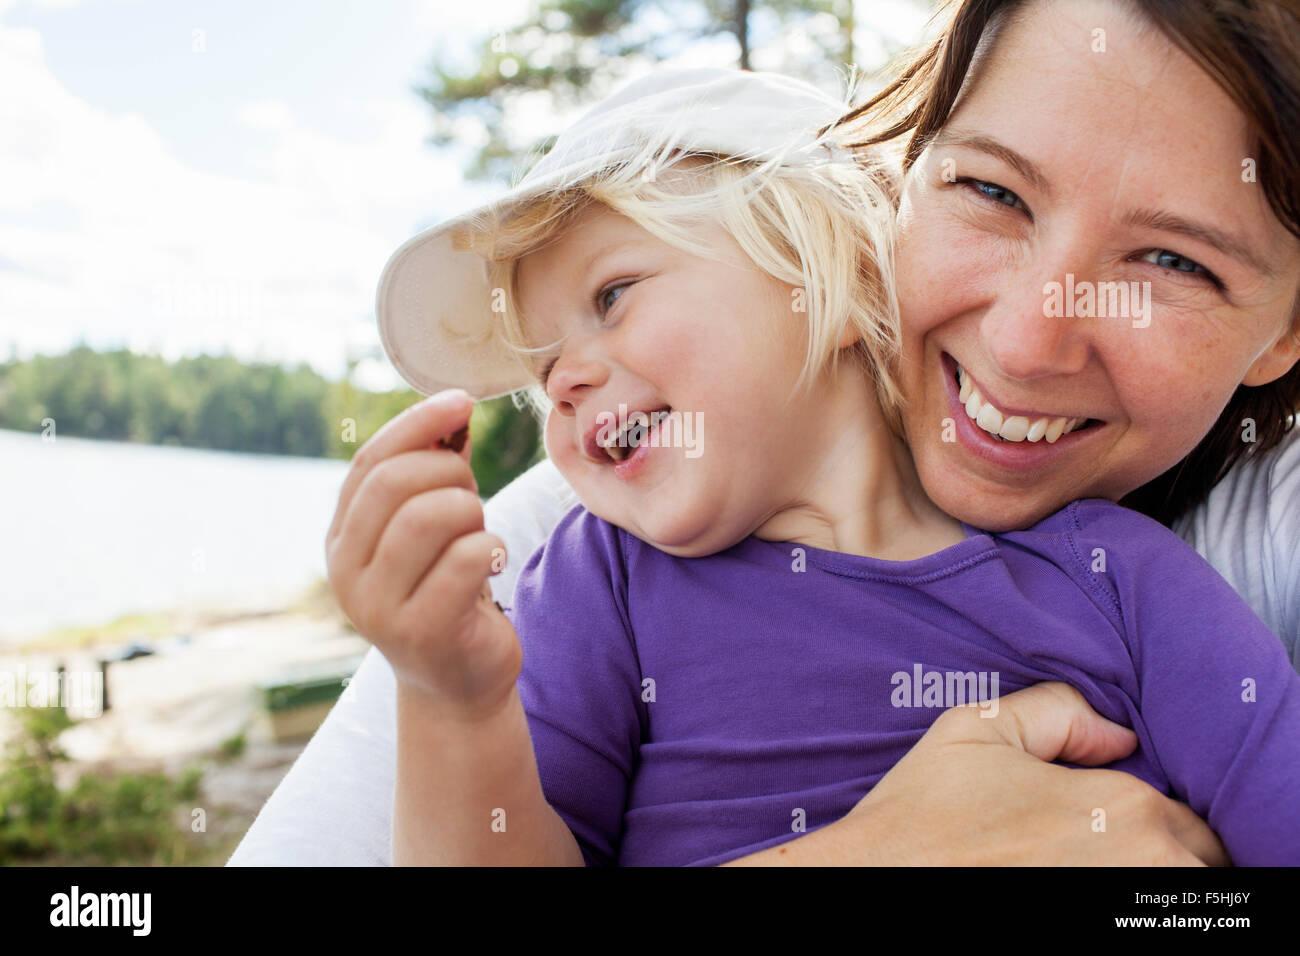 Schweden, Vastergotland, Vattlefjall Naturschutzgebiet, Mutter mit Tochter (2-3) Stockfoto